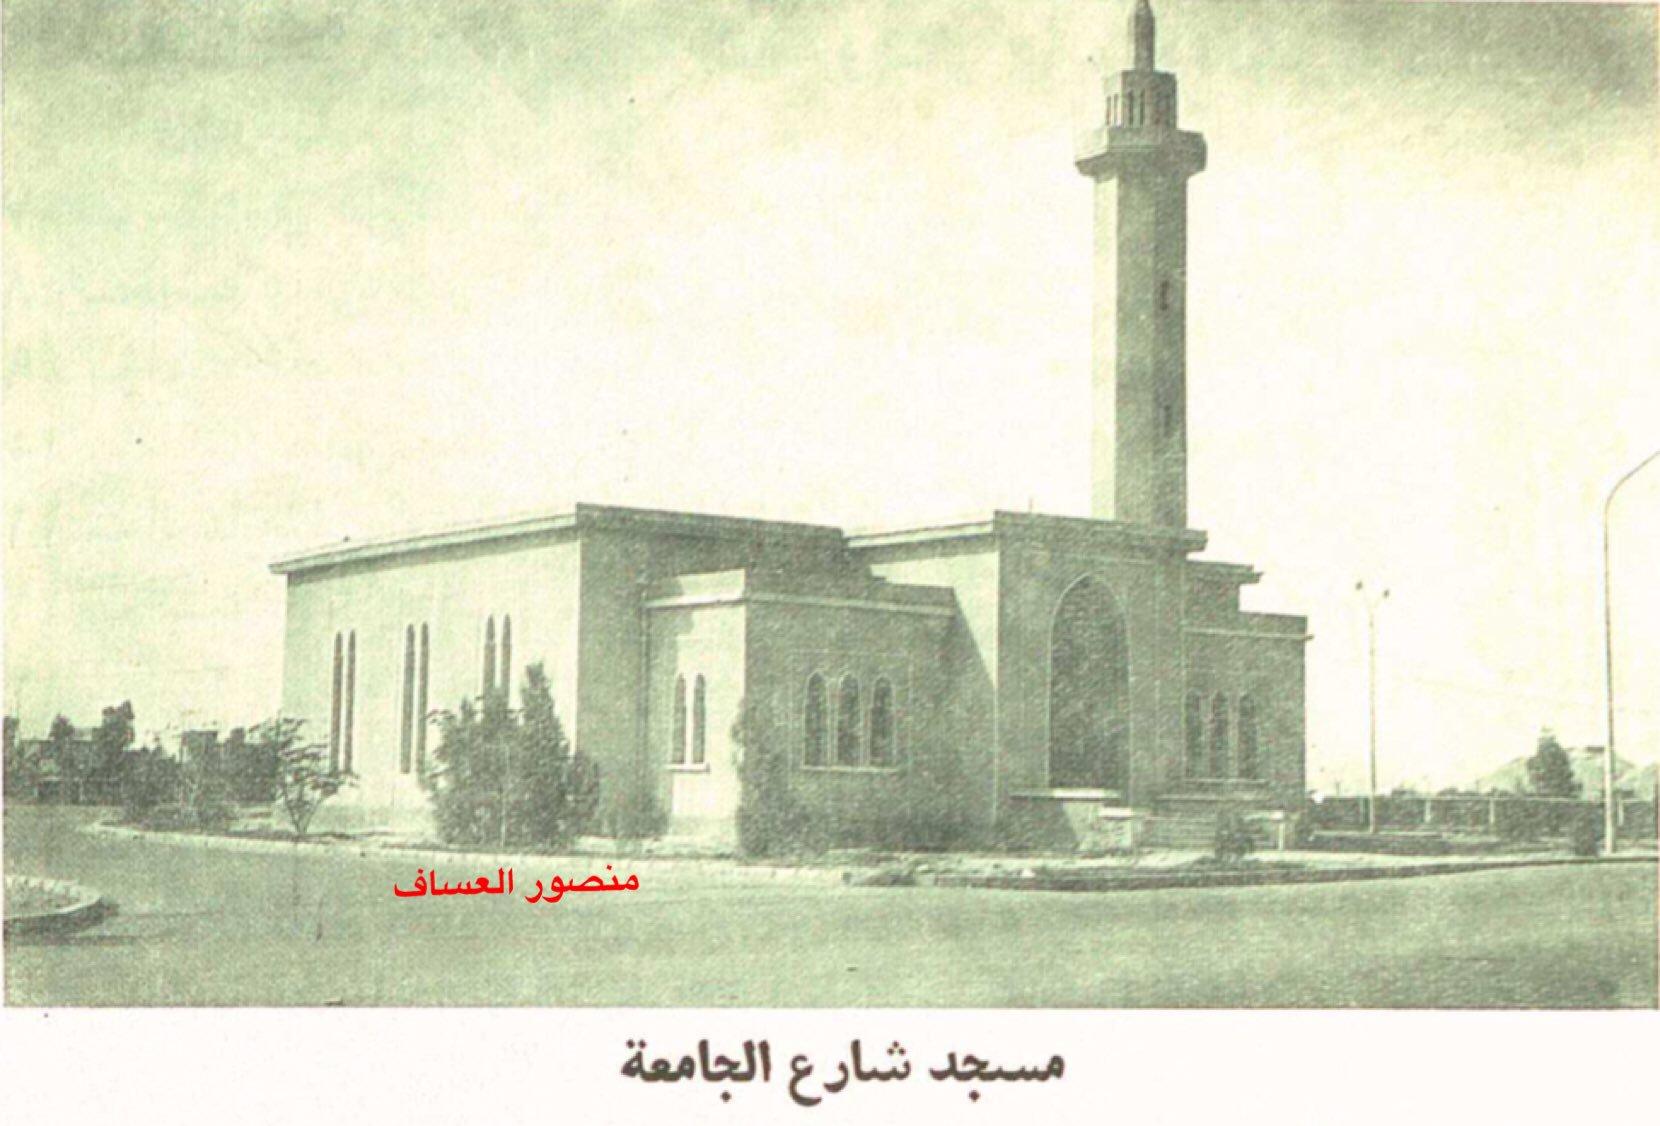 Мечеть на университетской улице в аль-Мулзаме (г.Эр-Рияд, Королевство Саудовская Аравия)